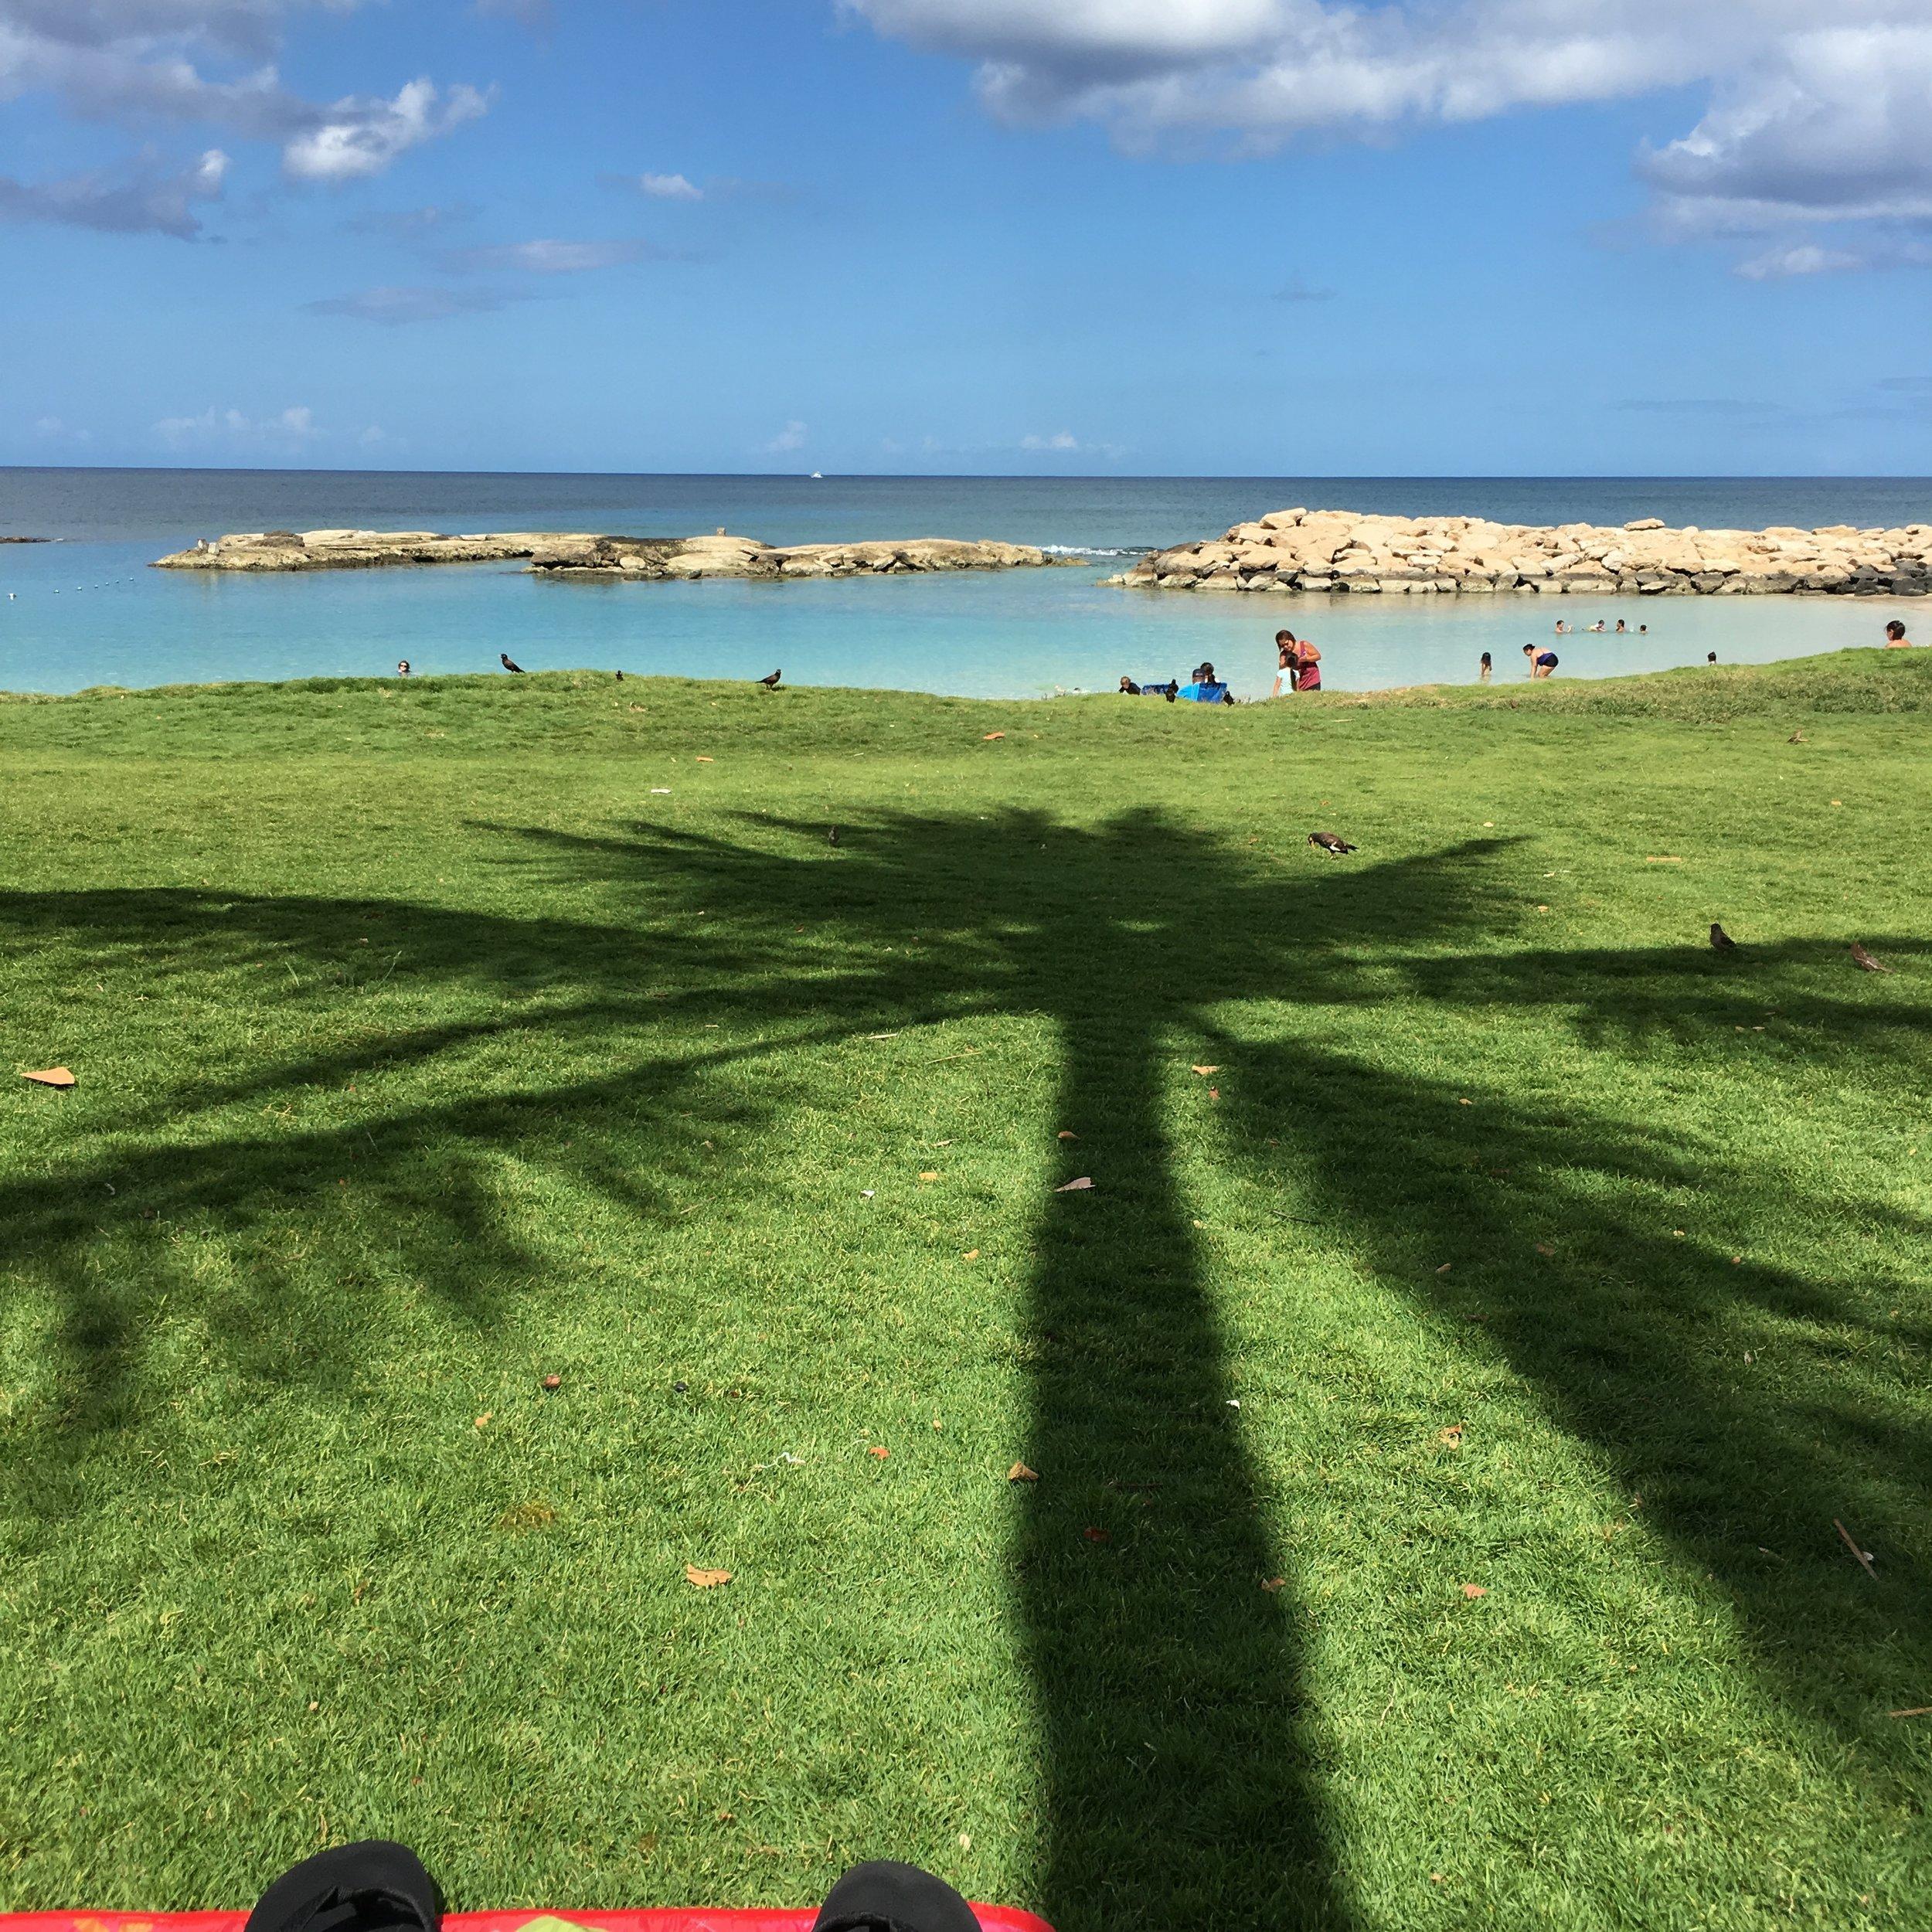 Beach, palm tree, ocean. ❣️